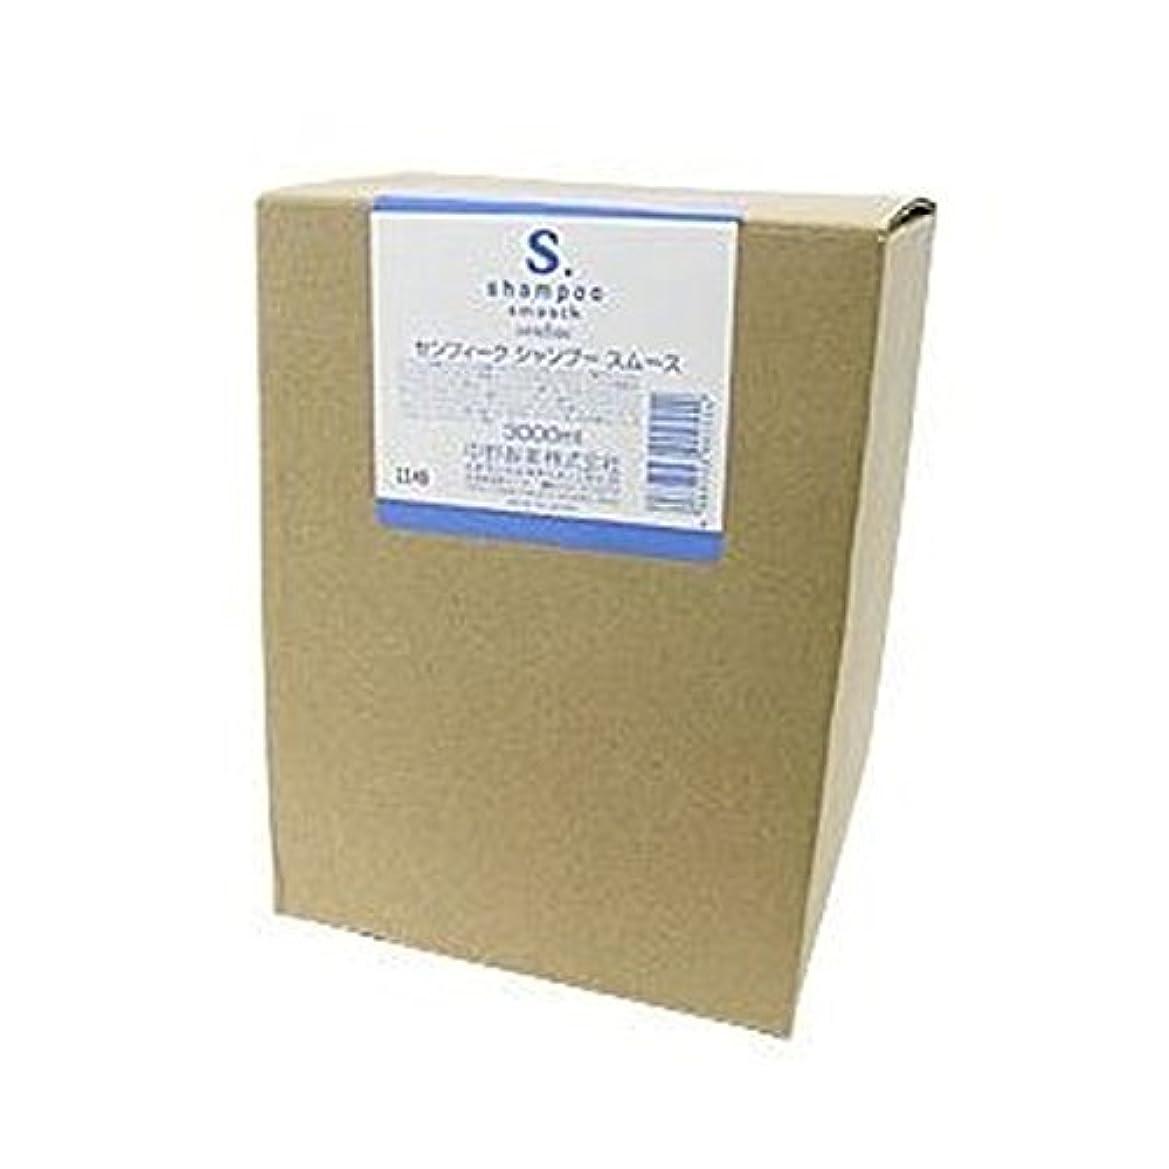 減少検索誓約中野製薬 センフィーク シャンプー スムース 10L